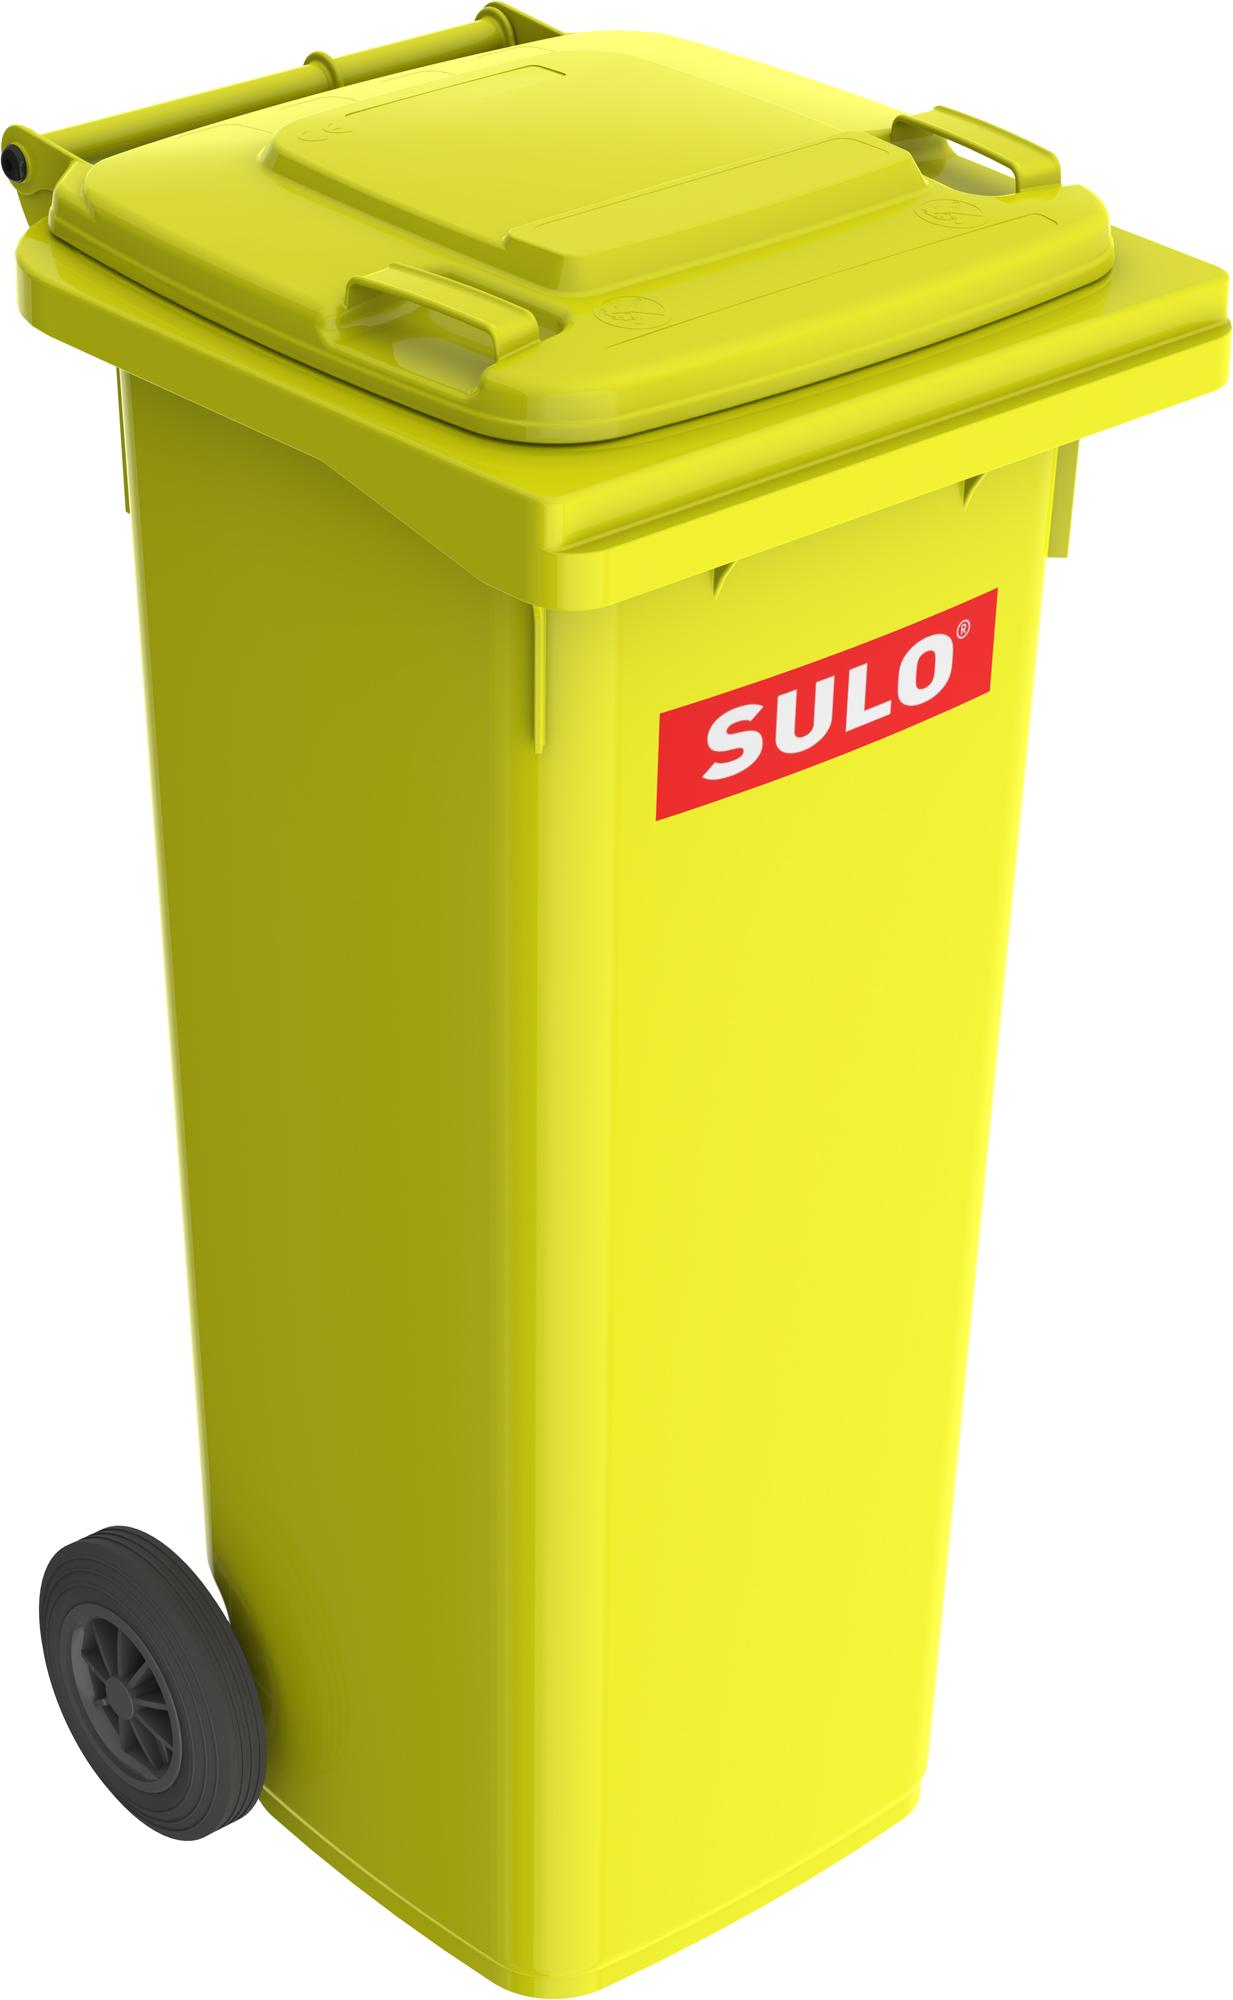 Europubela Din Material Plastic 140 L Culoare Galbena Mevatec - Transport Inclus 2021 sanito.ro